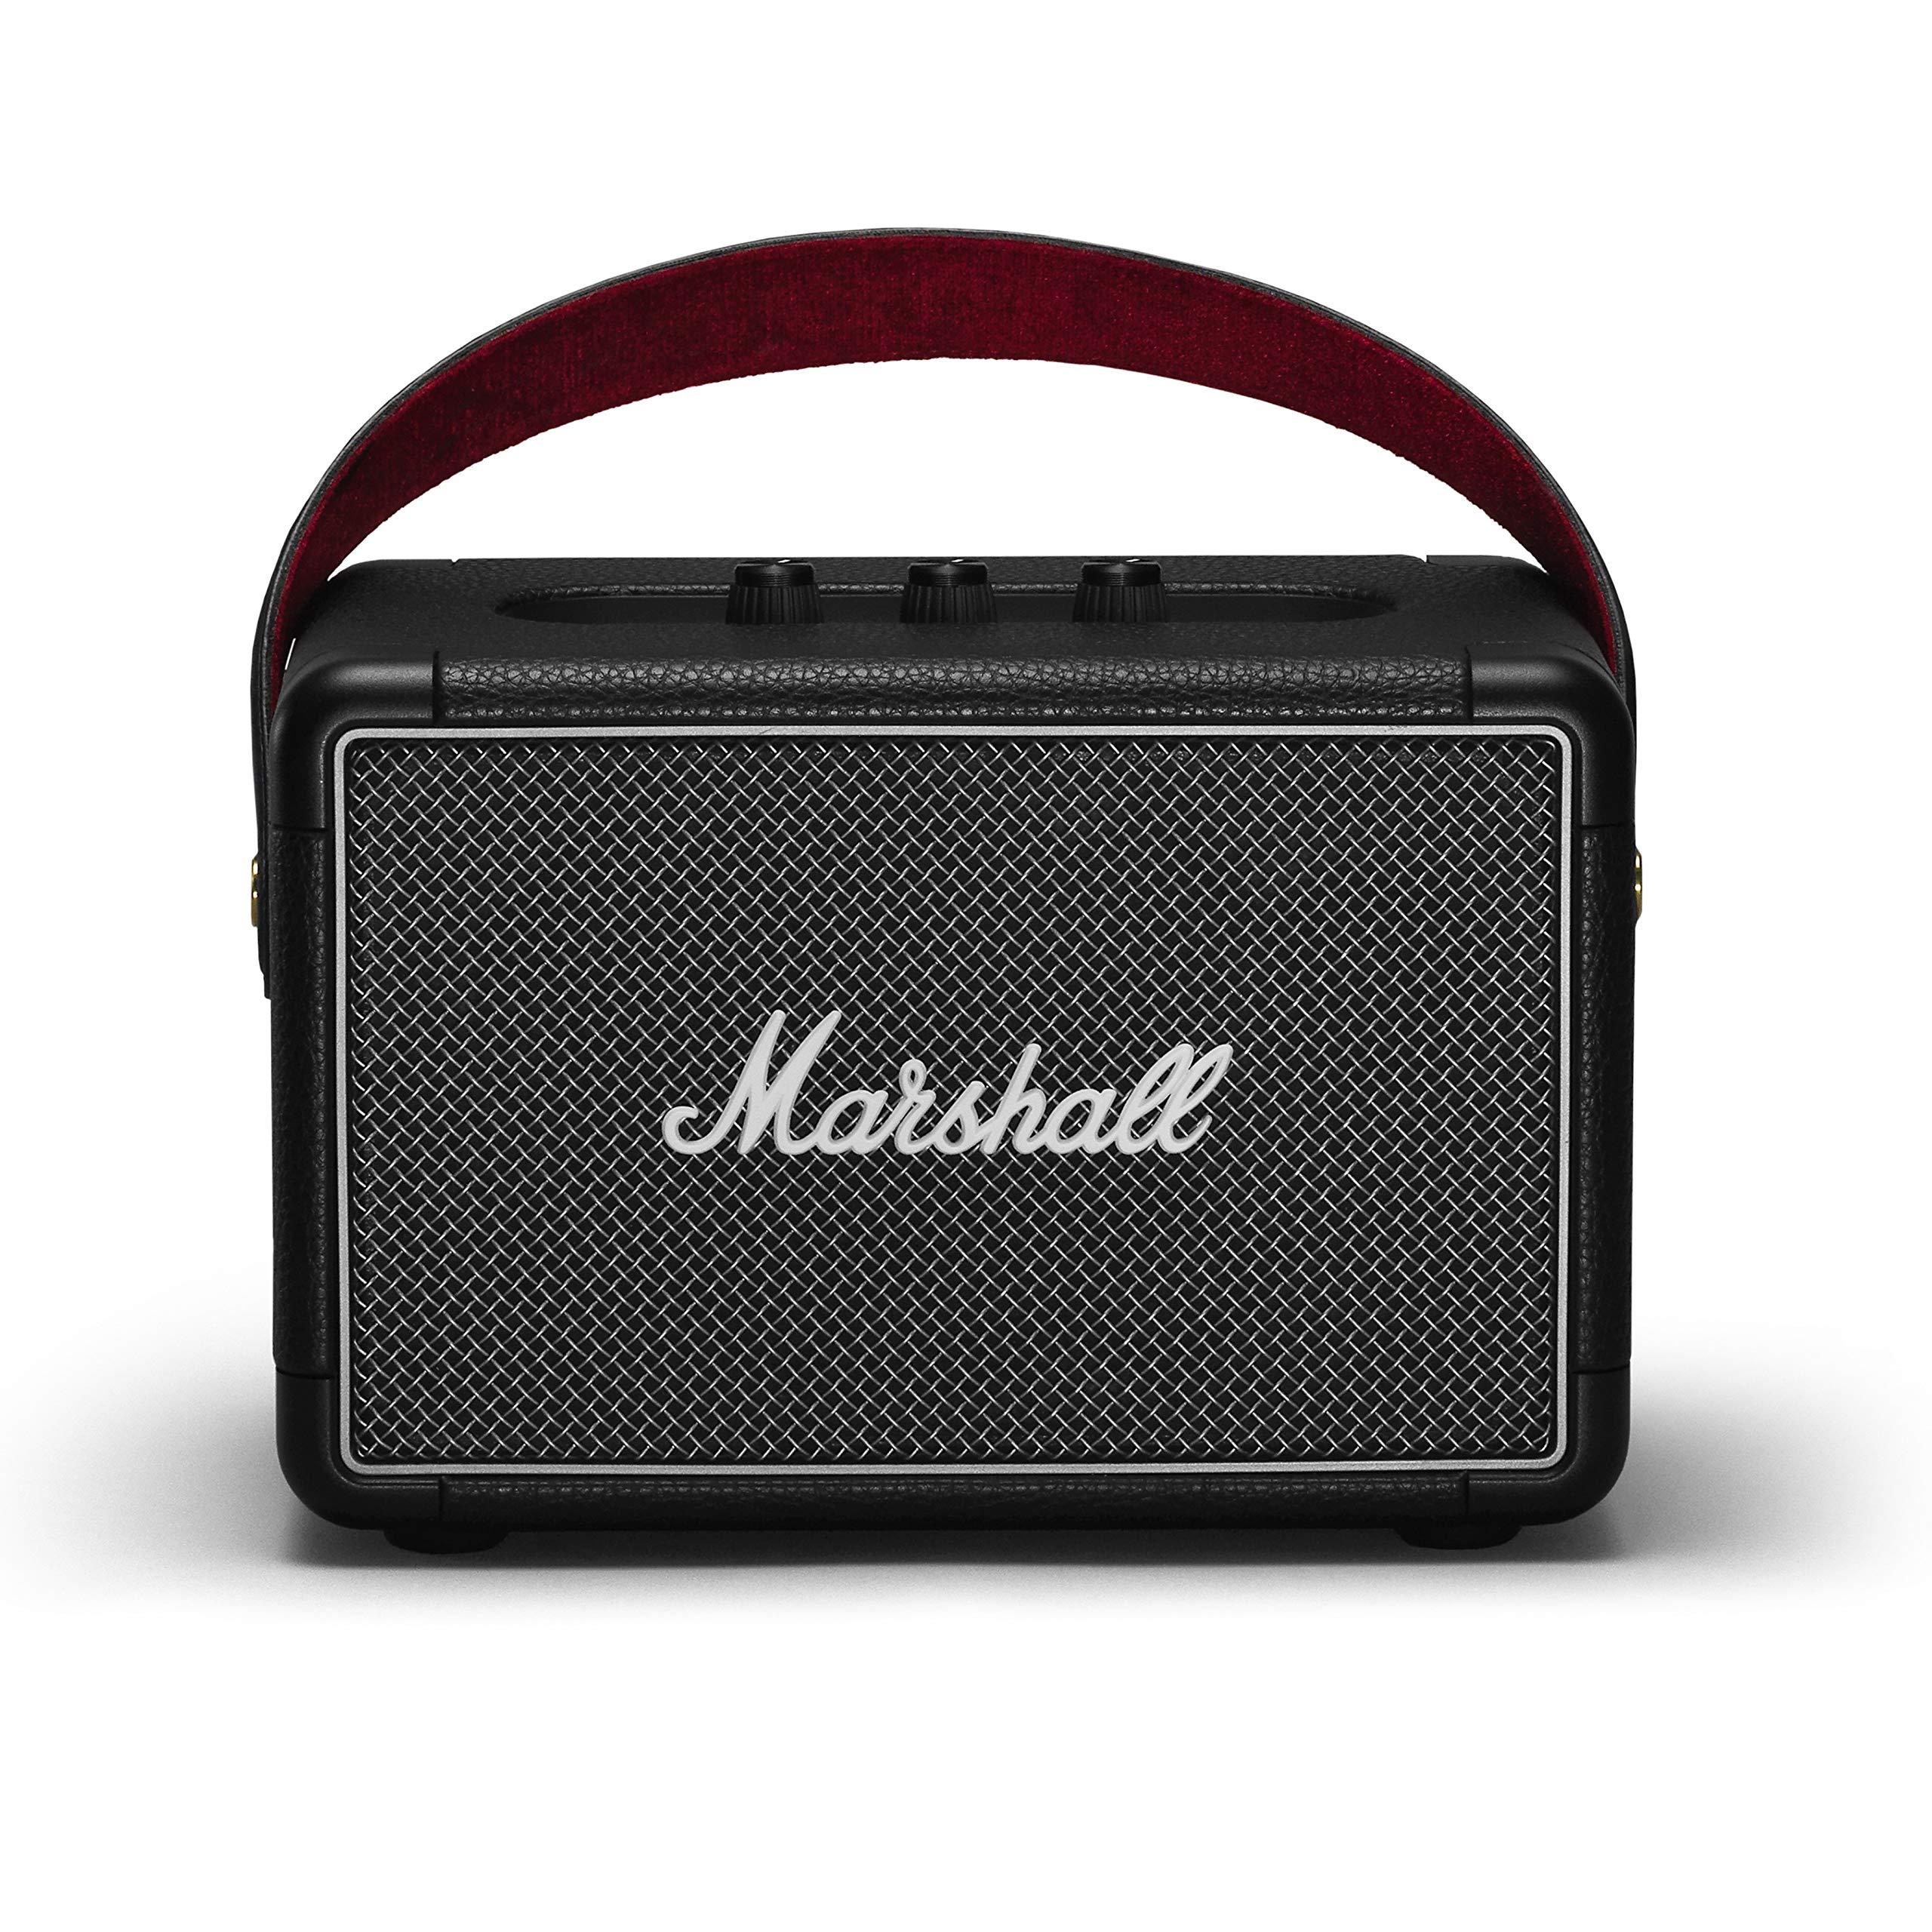 Marshall Kilburn II Portable Bluetooth Speaker - Black by Marshall